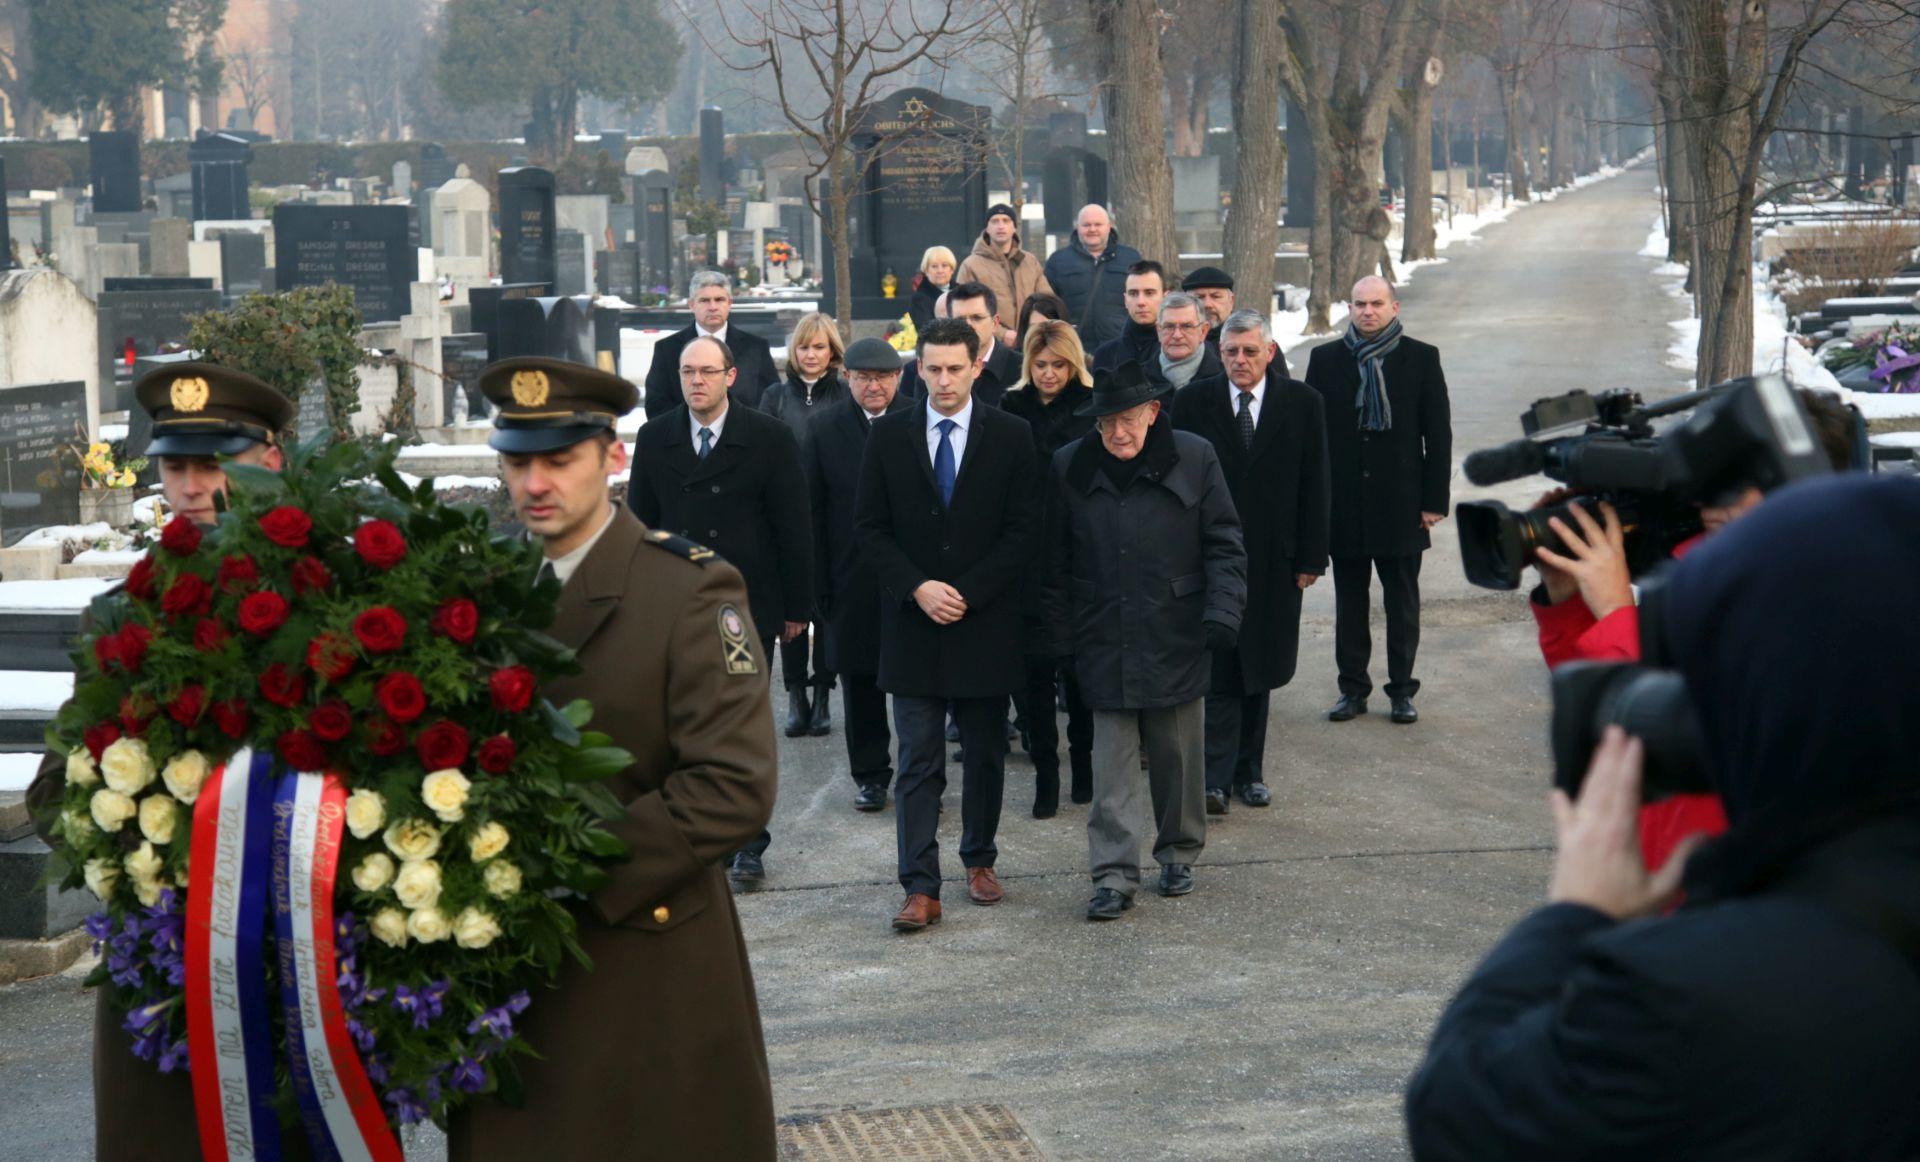 Polaganjem vijenca na Mirogoju obilježen dan sjećanja na žrtve holokausta